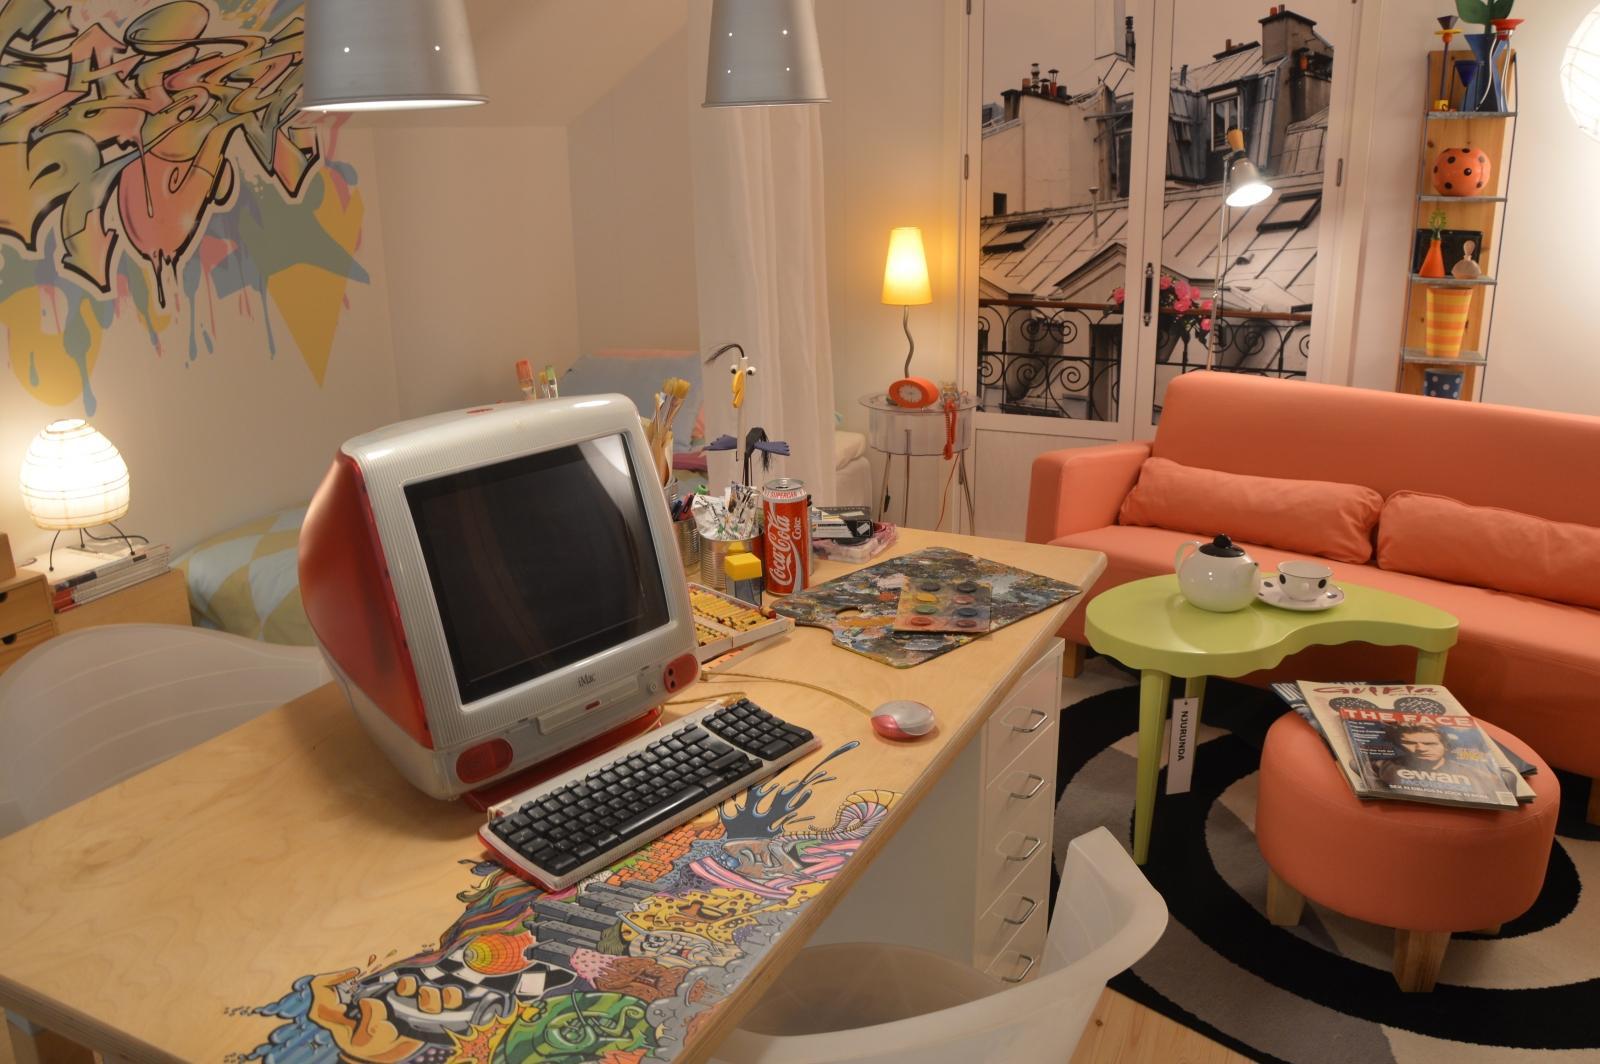 Full Size of Ikea Sofa Mit Schlaffunktion Miniküche Küche Kaufen Betten 160x200 Bei Kosten Jugendzimmer Modulküche Bett Wohnzimmer Jugendzimmer Ikea